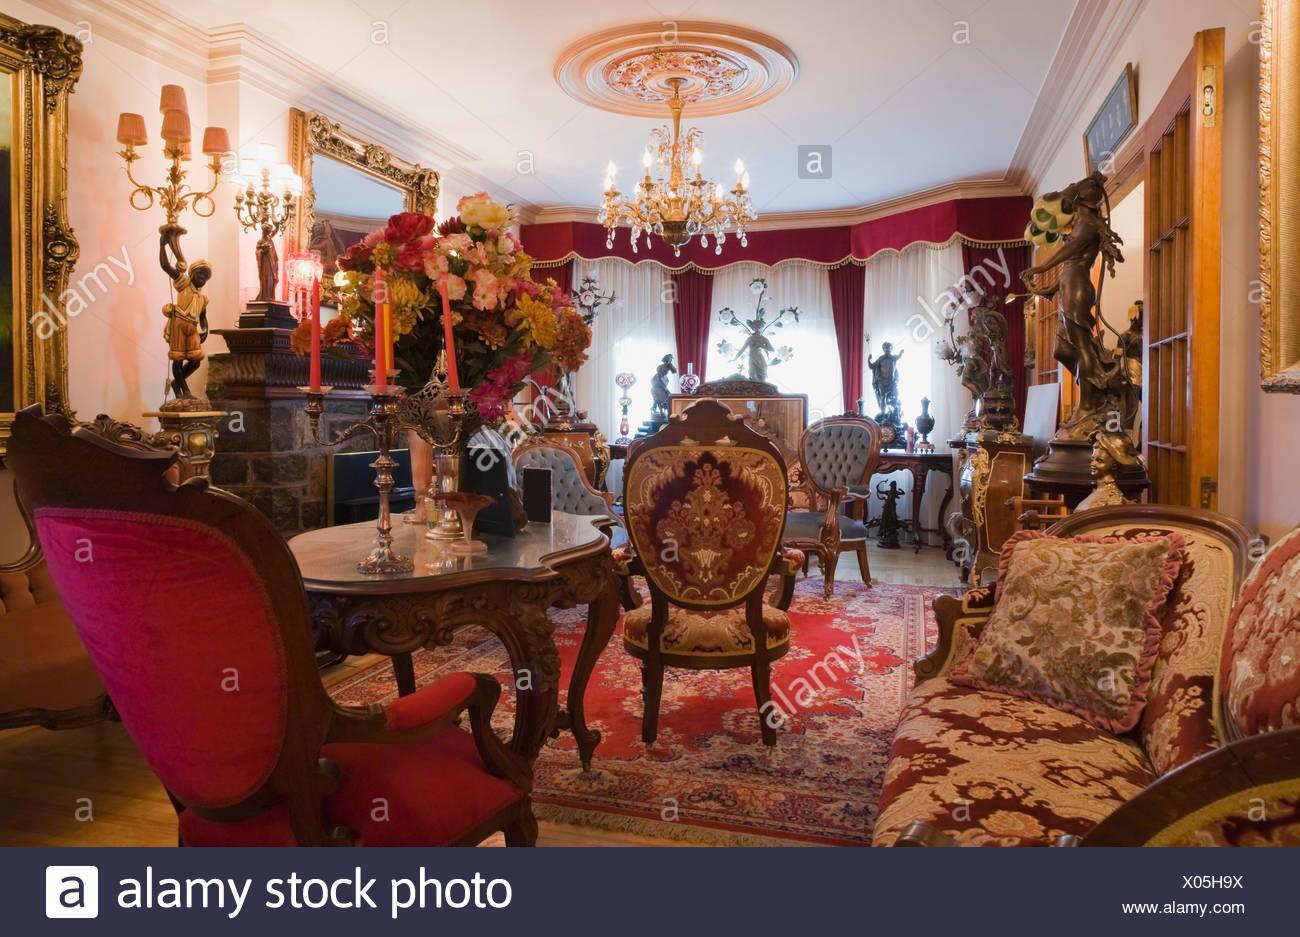 Antike Möbel Möbel schmücken ein Wohnzimmer in ein viktorianisches ...